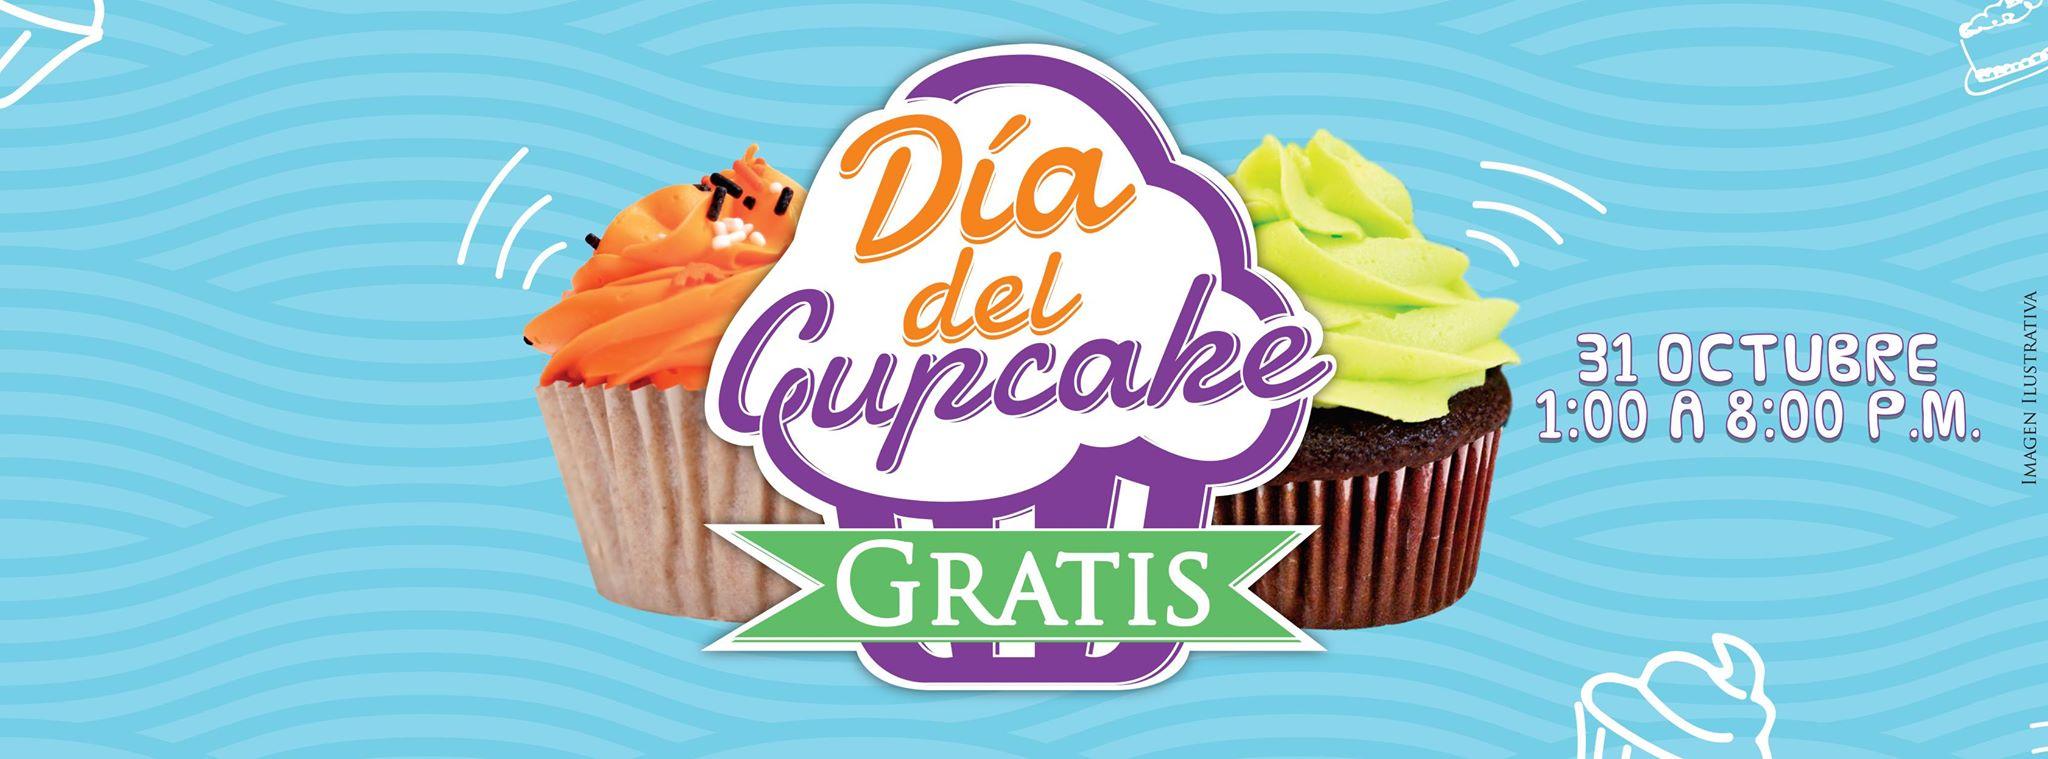 Pastelerías Suspiros: Cupcake GRATIS el 31 de Octubre.